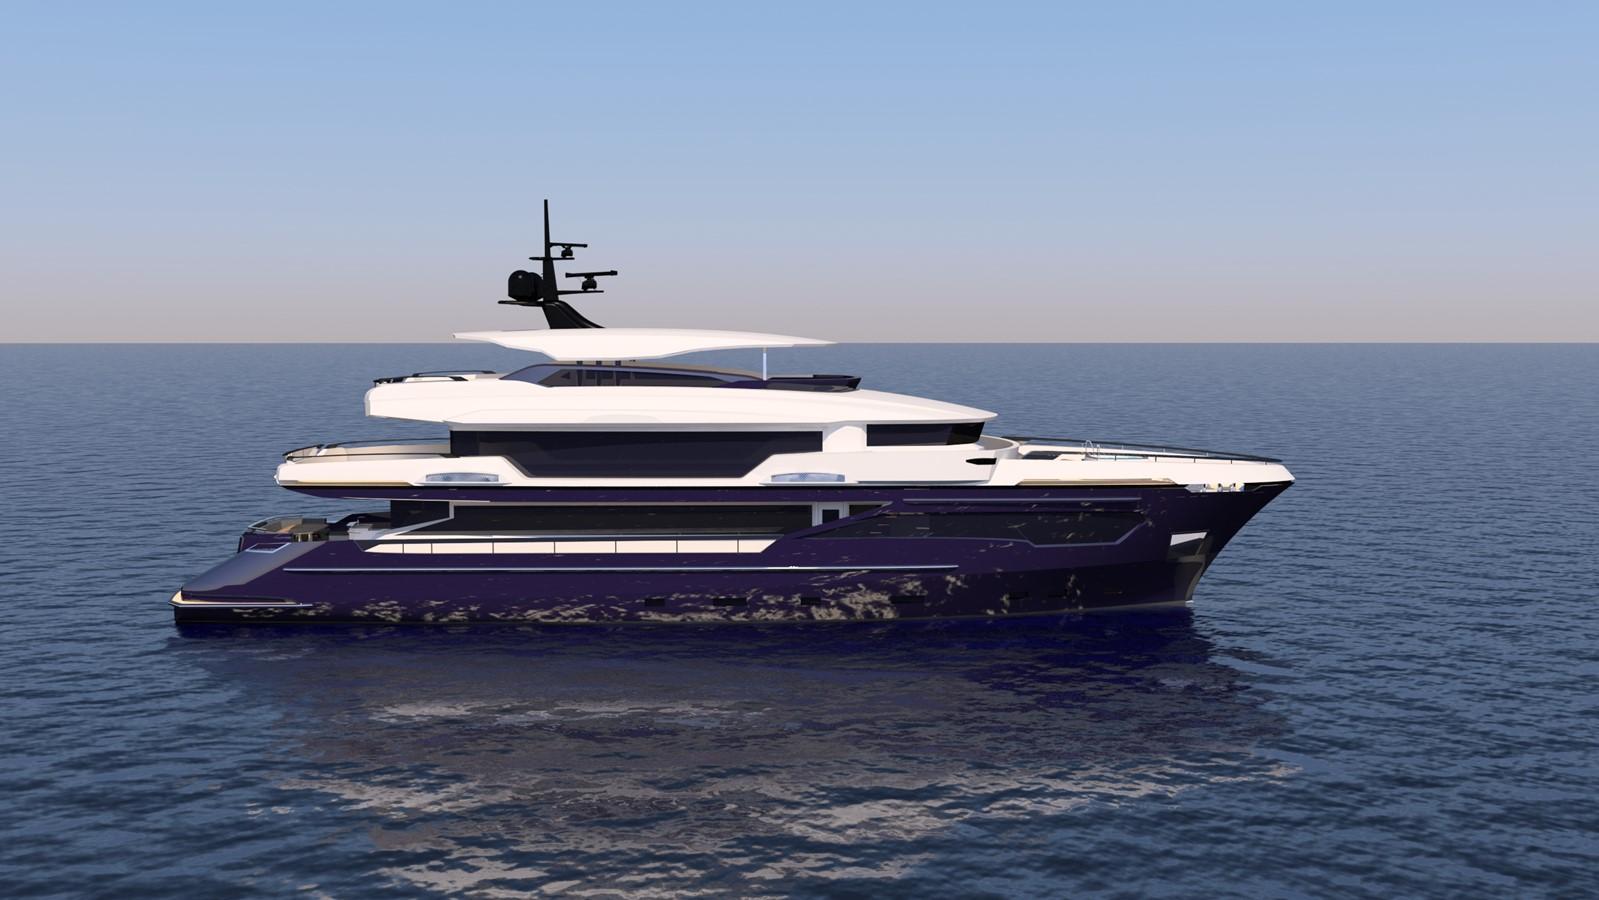 2022 AVA YACHTS Kando 130 Motor Yacht 2091090